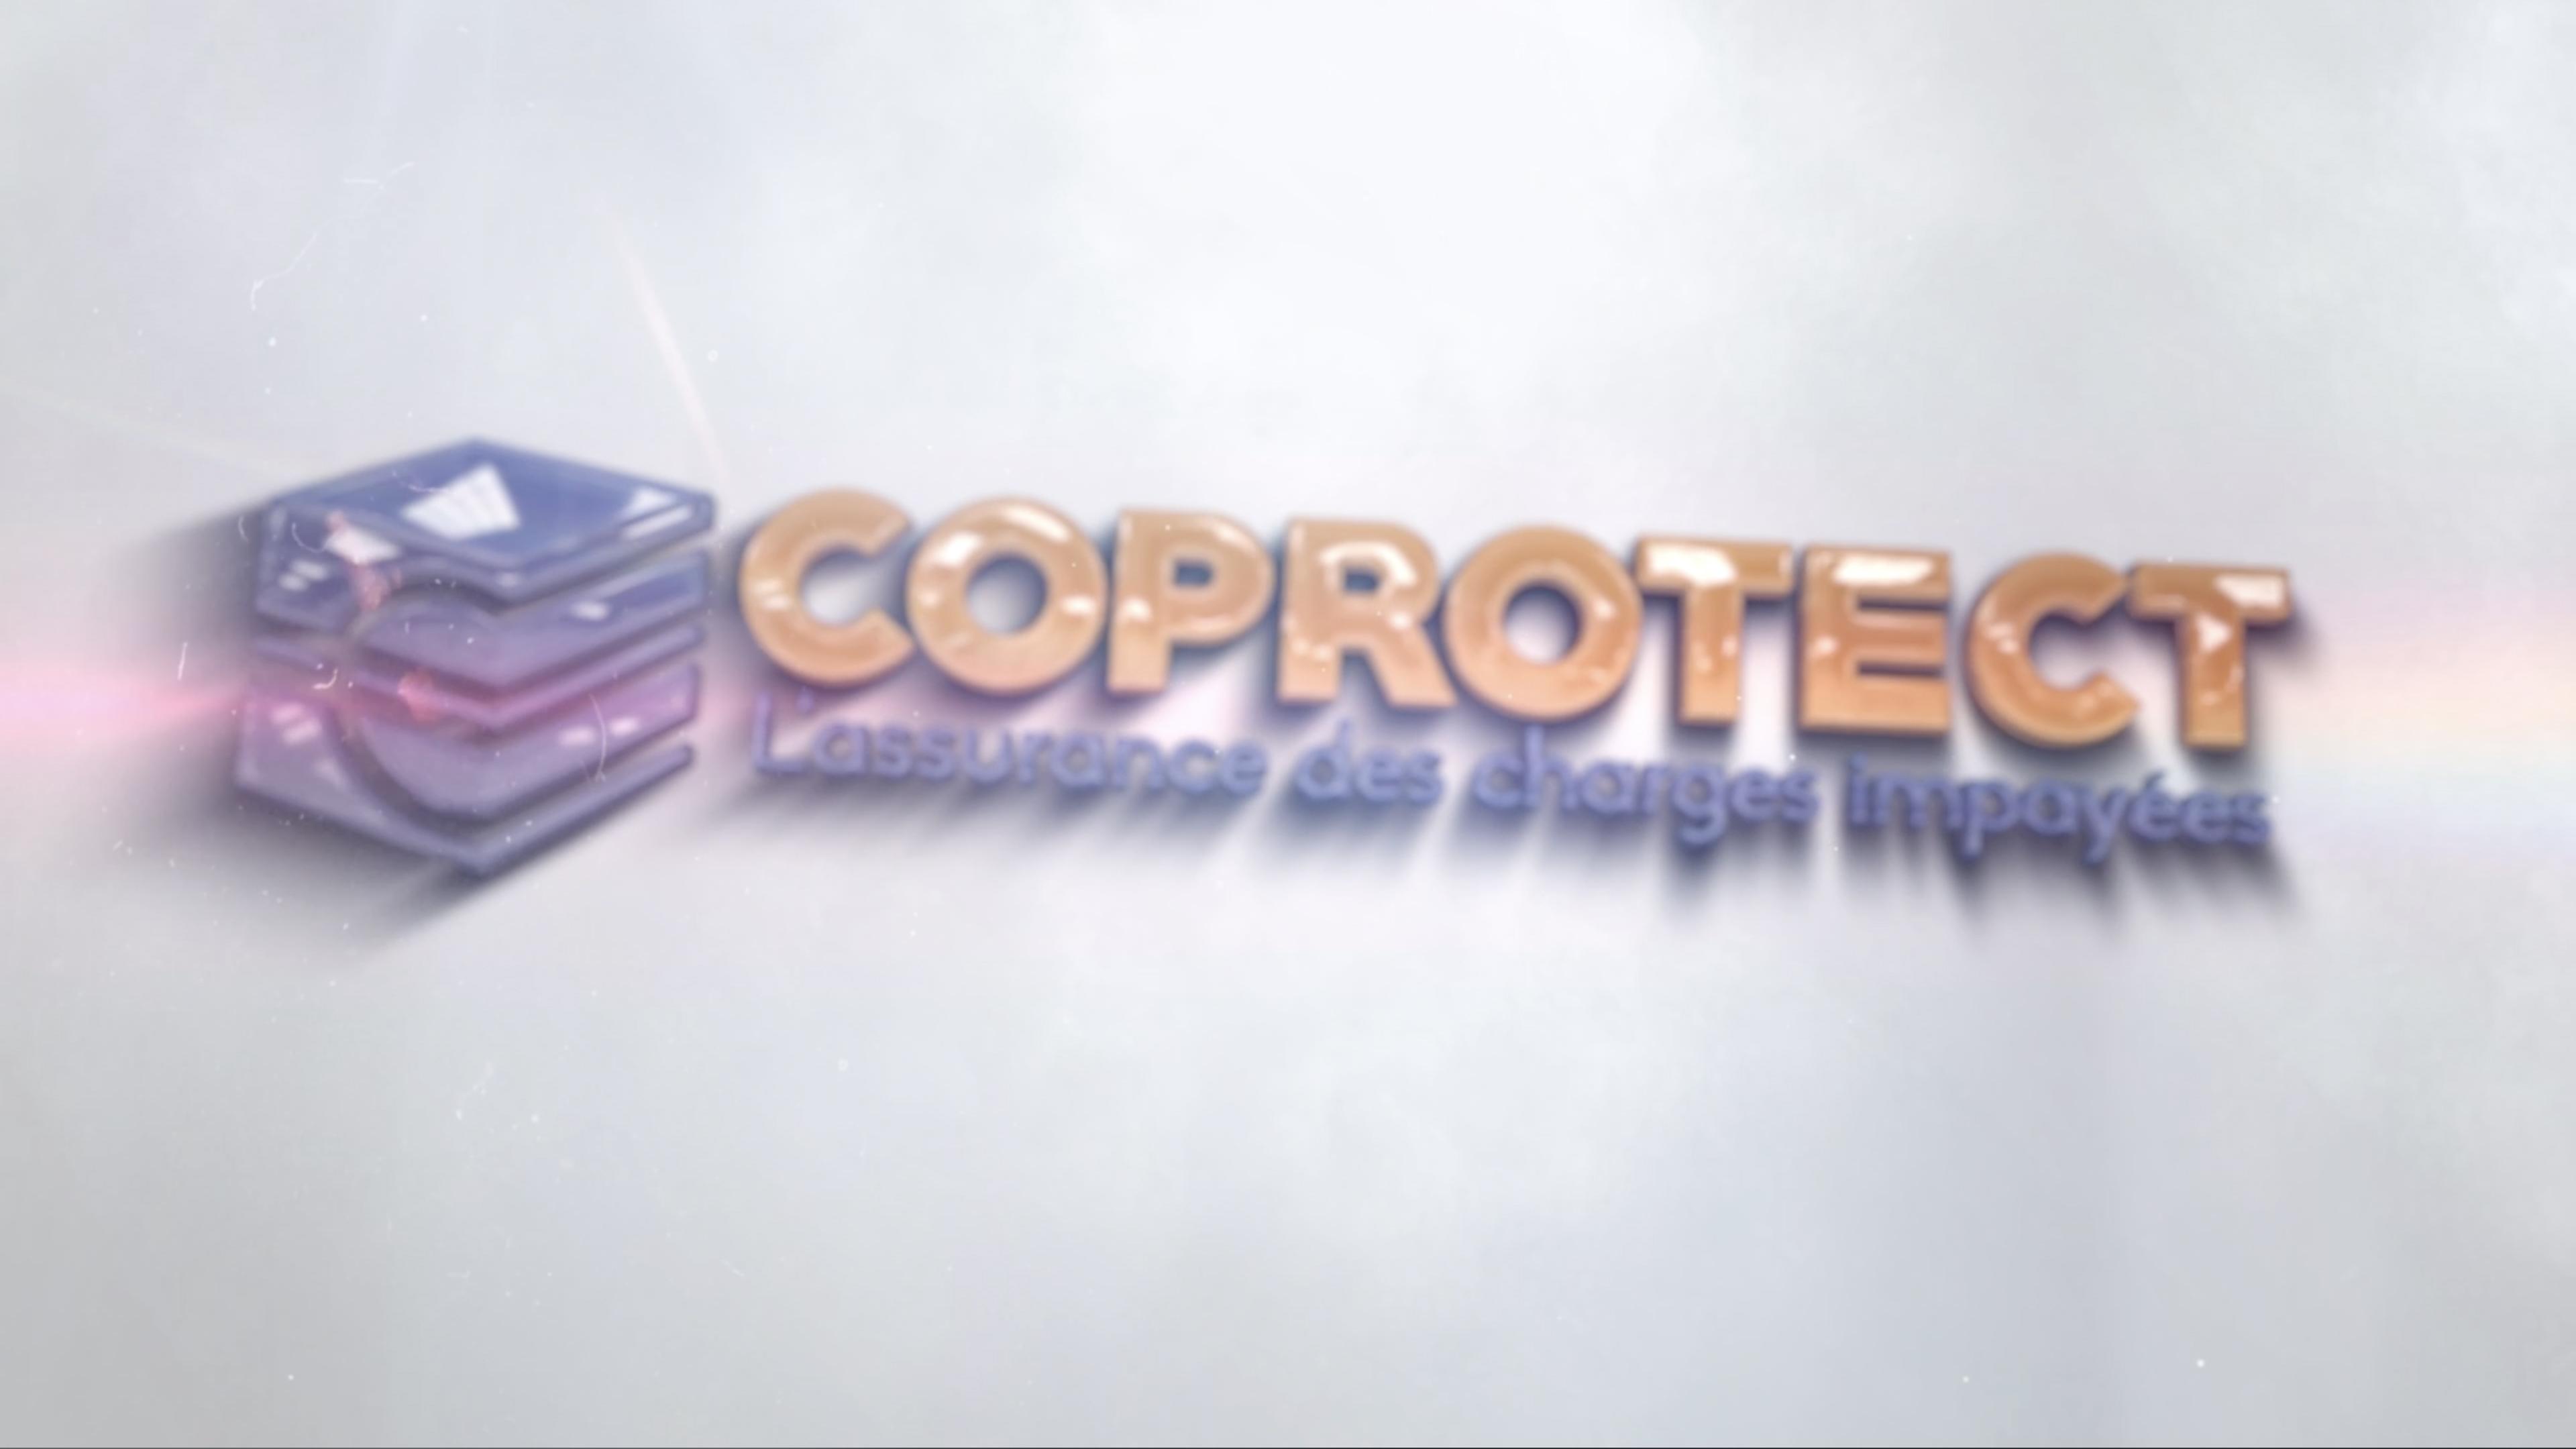 Coprotect - Épisode  3